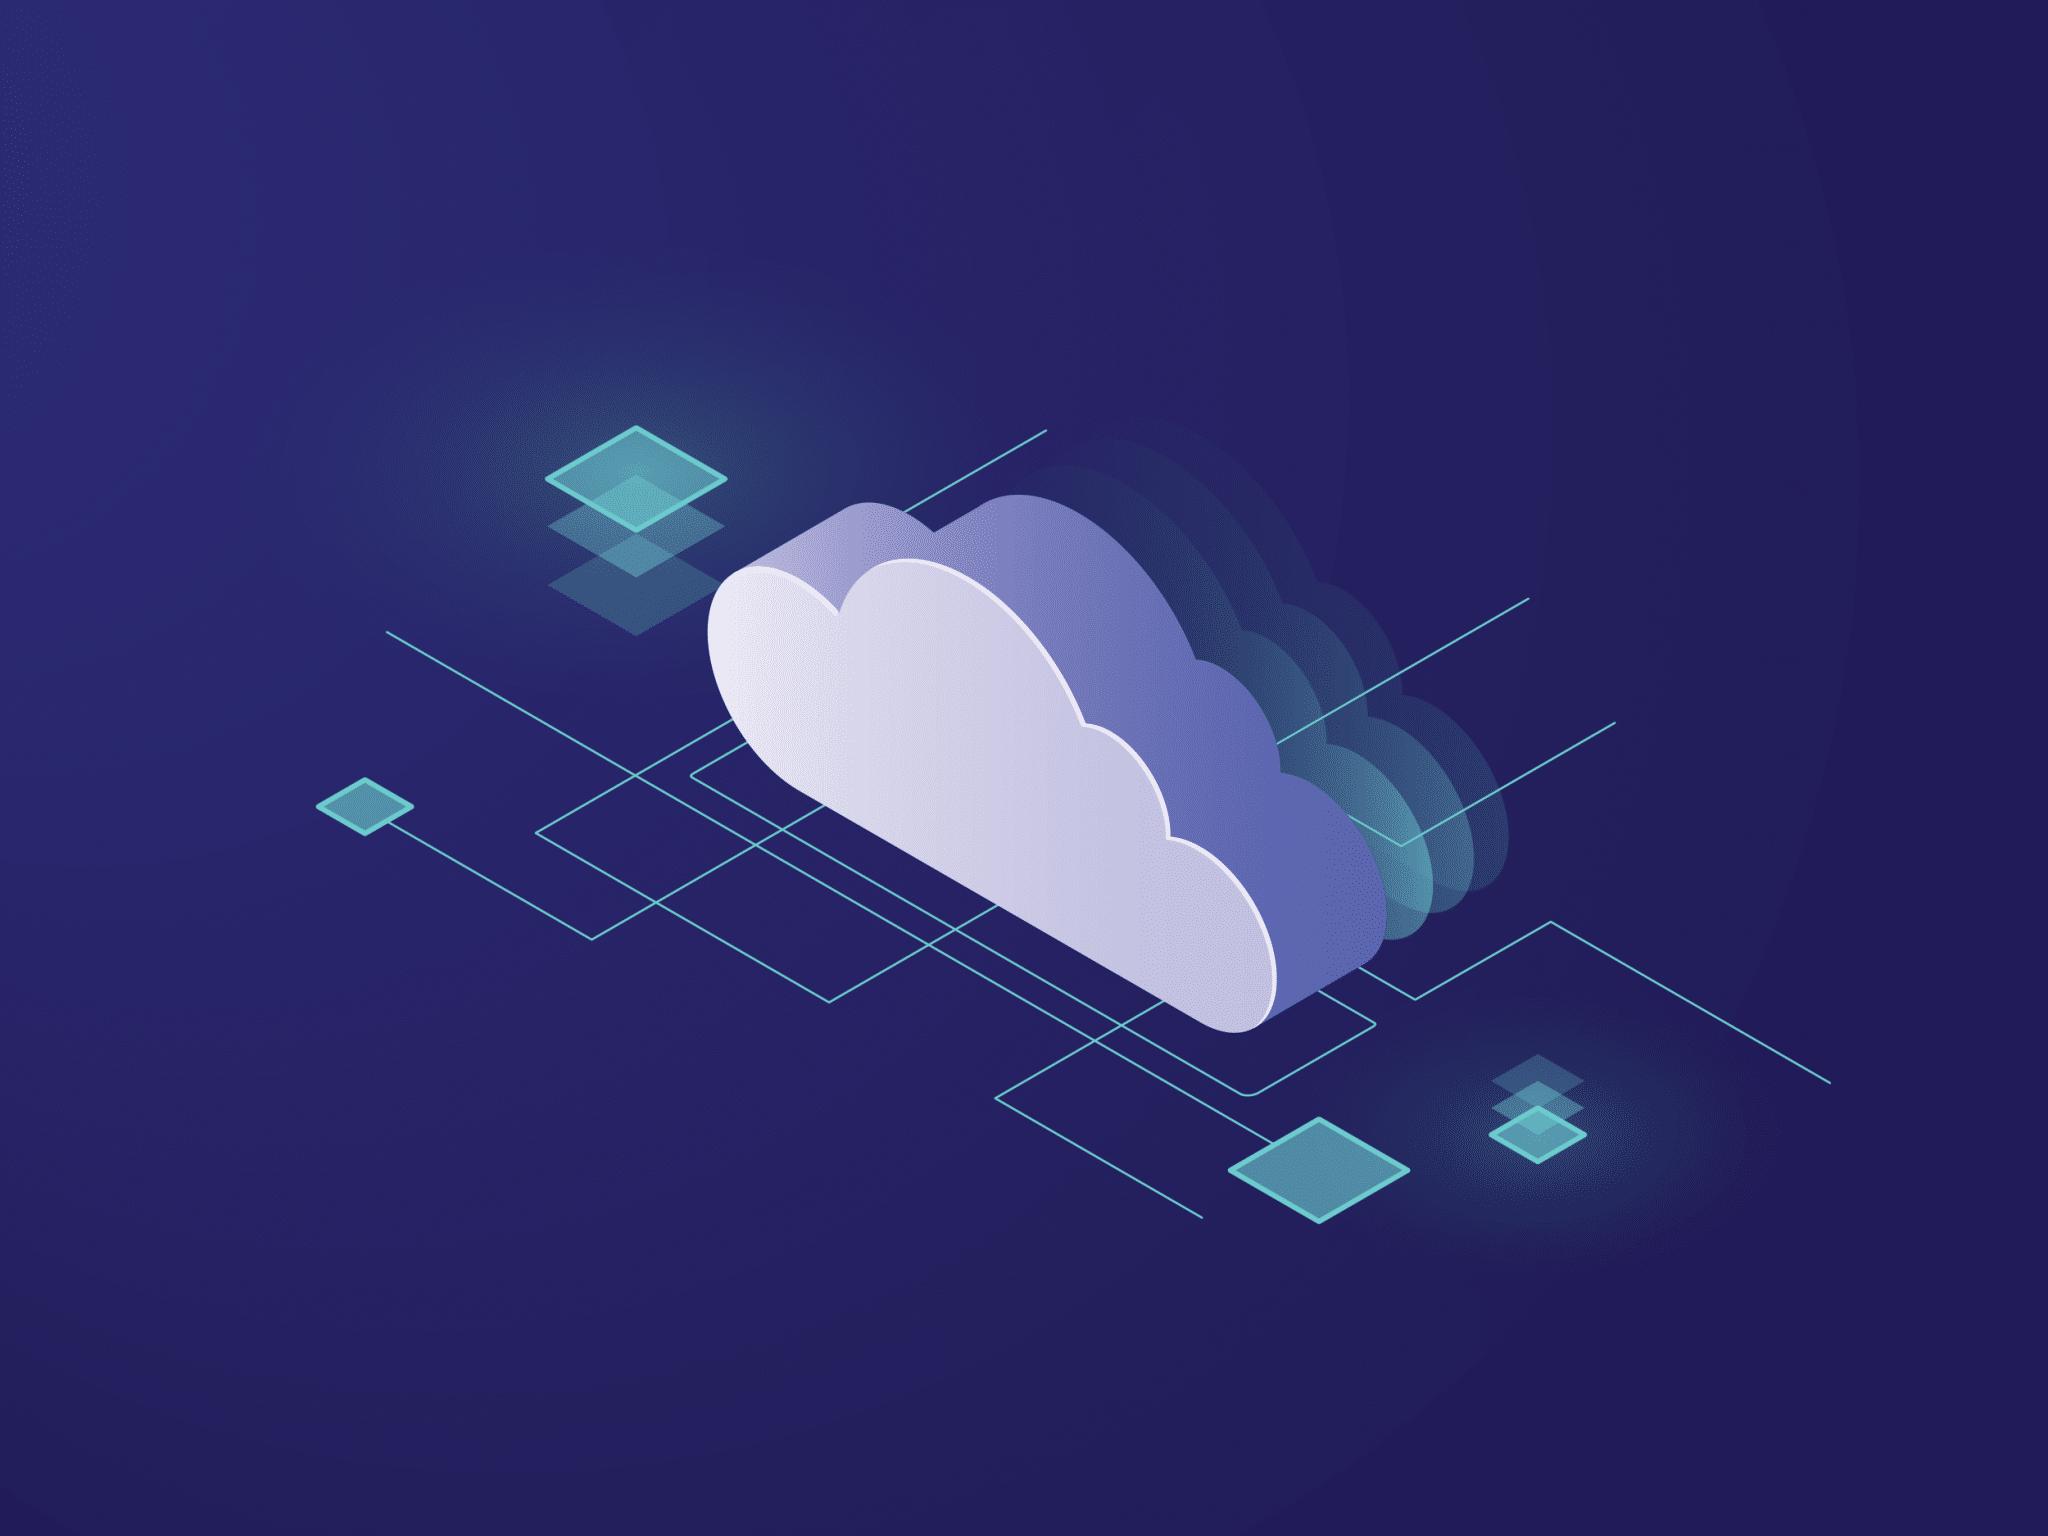 Ilustrace cloudu a propojení na něj